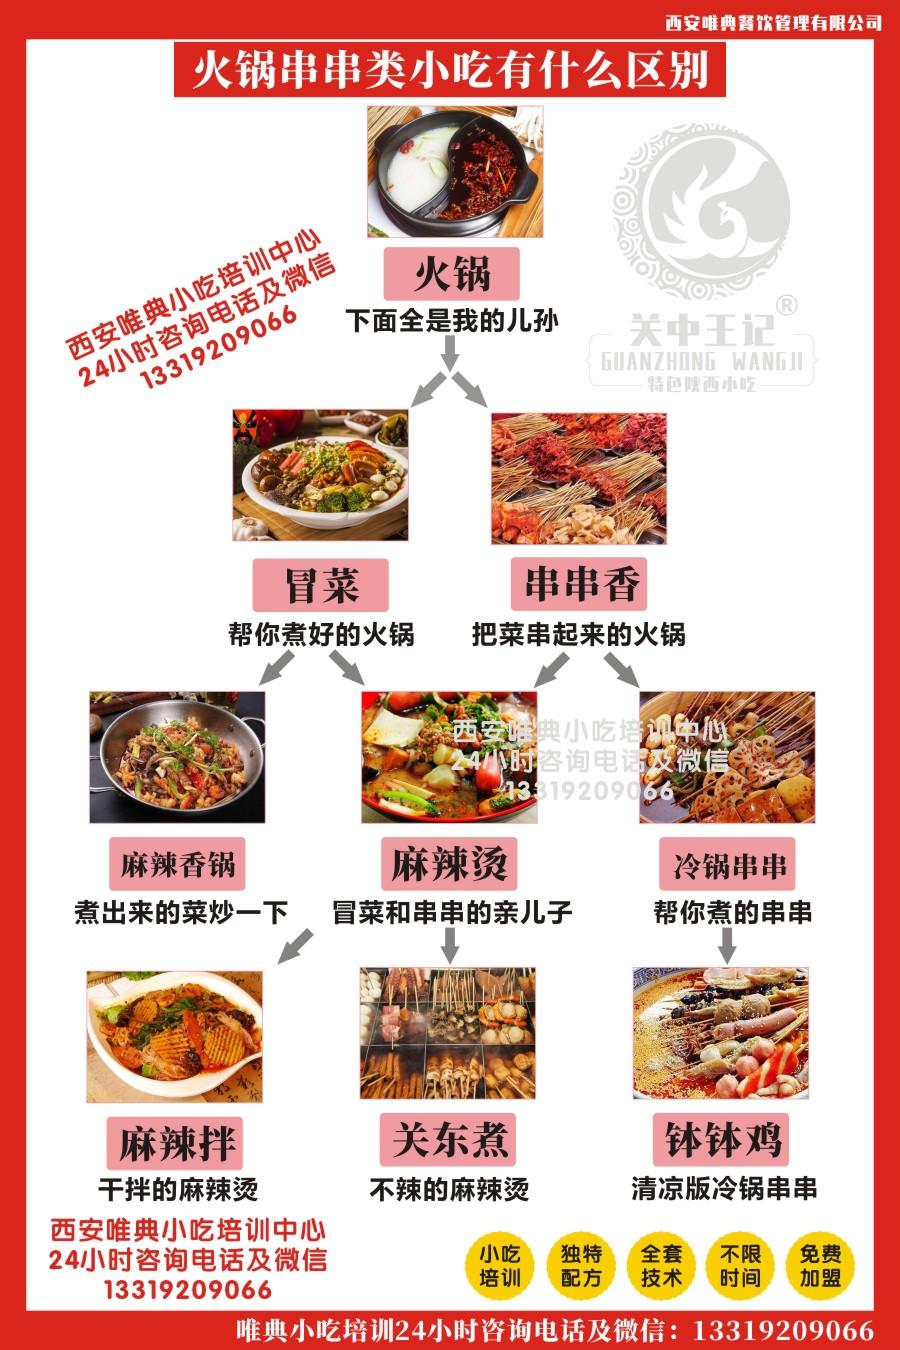 火锅、冒菜、串串、麻辣烫、麻辣拌、麻辣香锅、钵钵鸡、关东煮等有什么区别